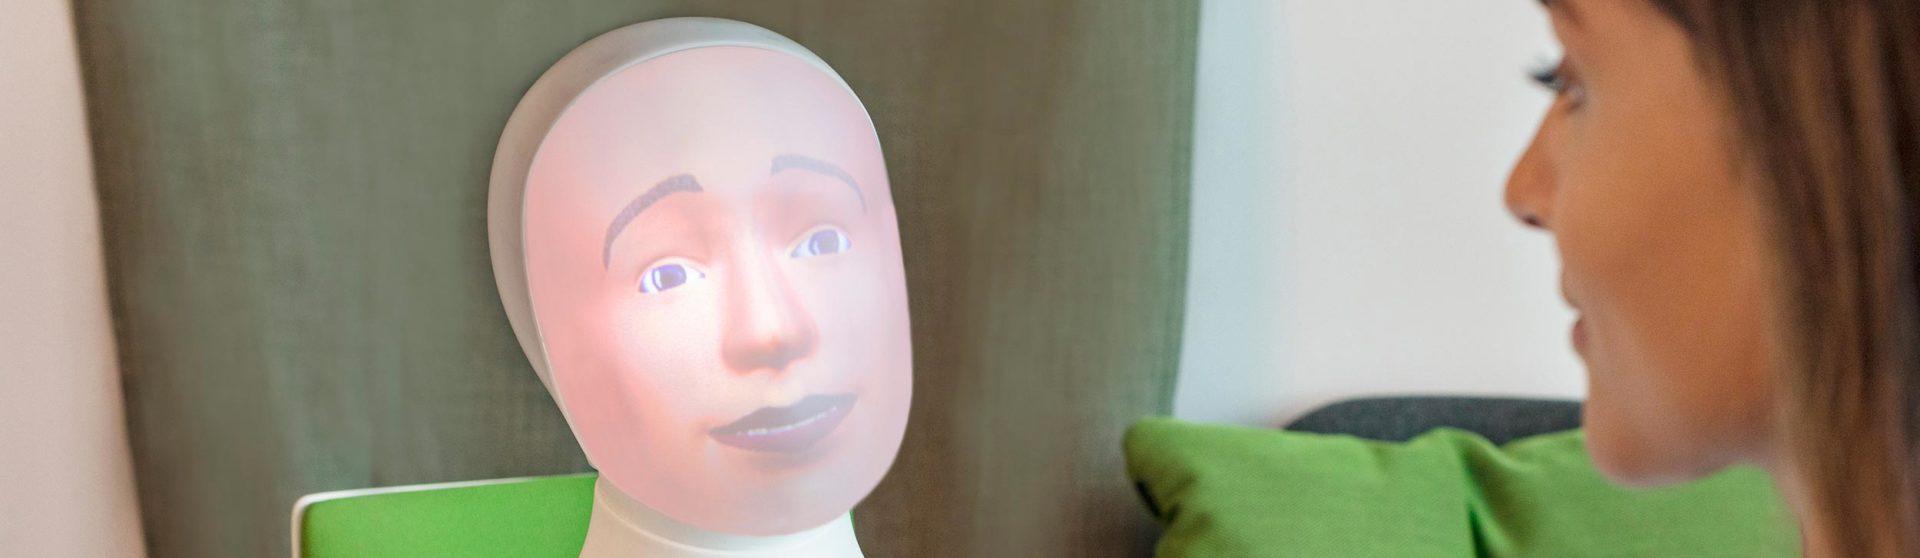 Så går en intervju med Tengai till - världens första socialaoch fördomsfria AI-intervjurobot!